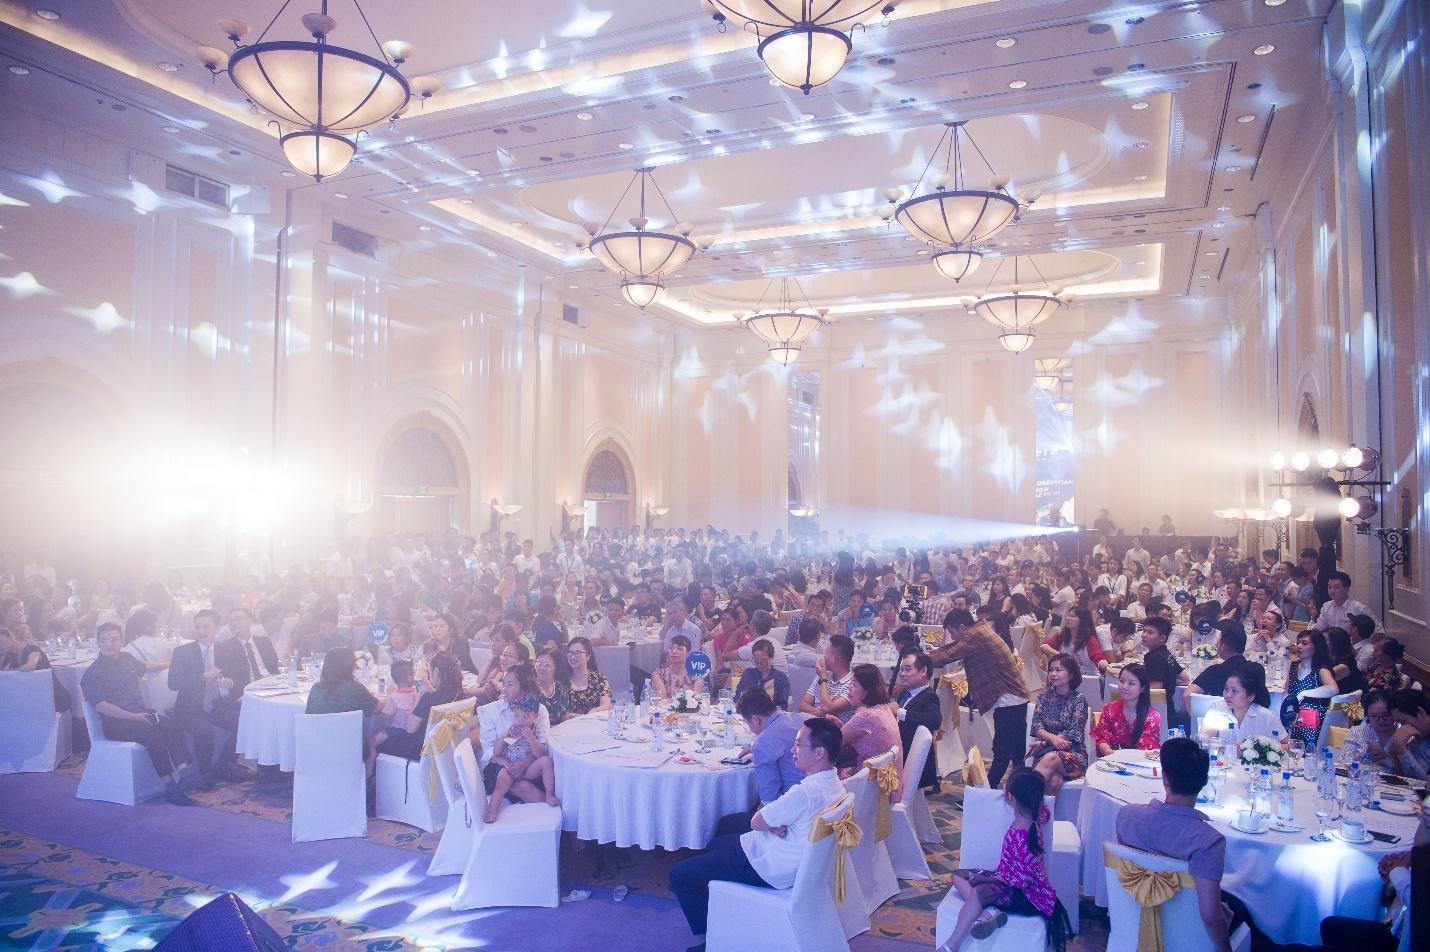 """Sự kiện ra mắt dự án Stellar Garden - """"Tỏa sáng vì tinh tú"""" thu hút hơn 400 khách tham dự - Ảnh 1"""